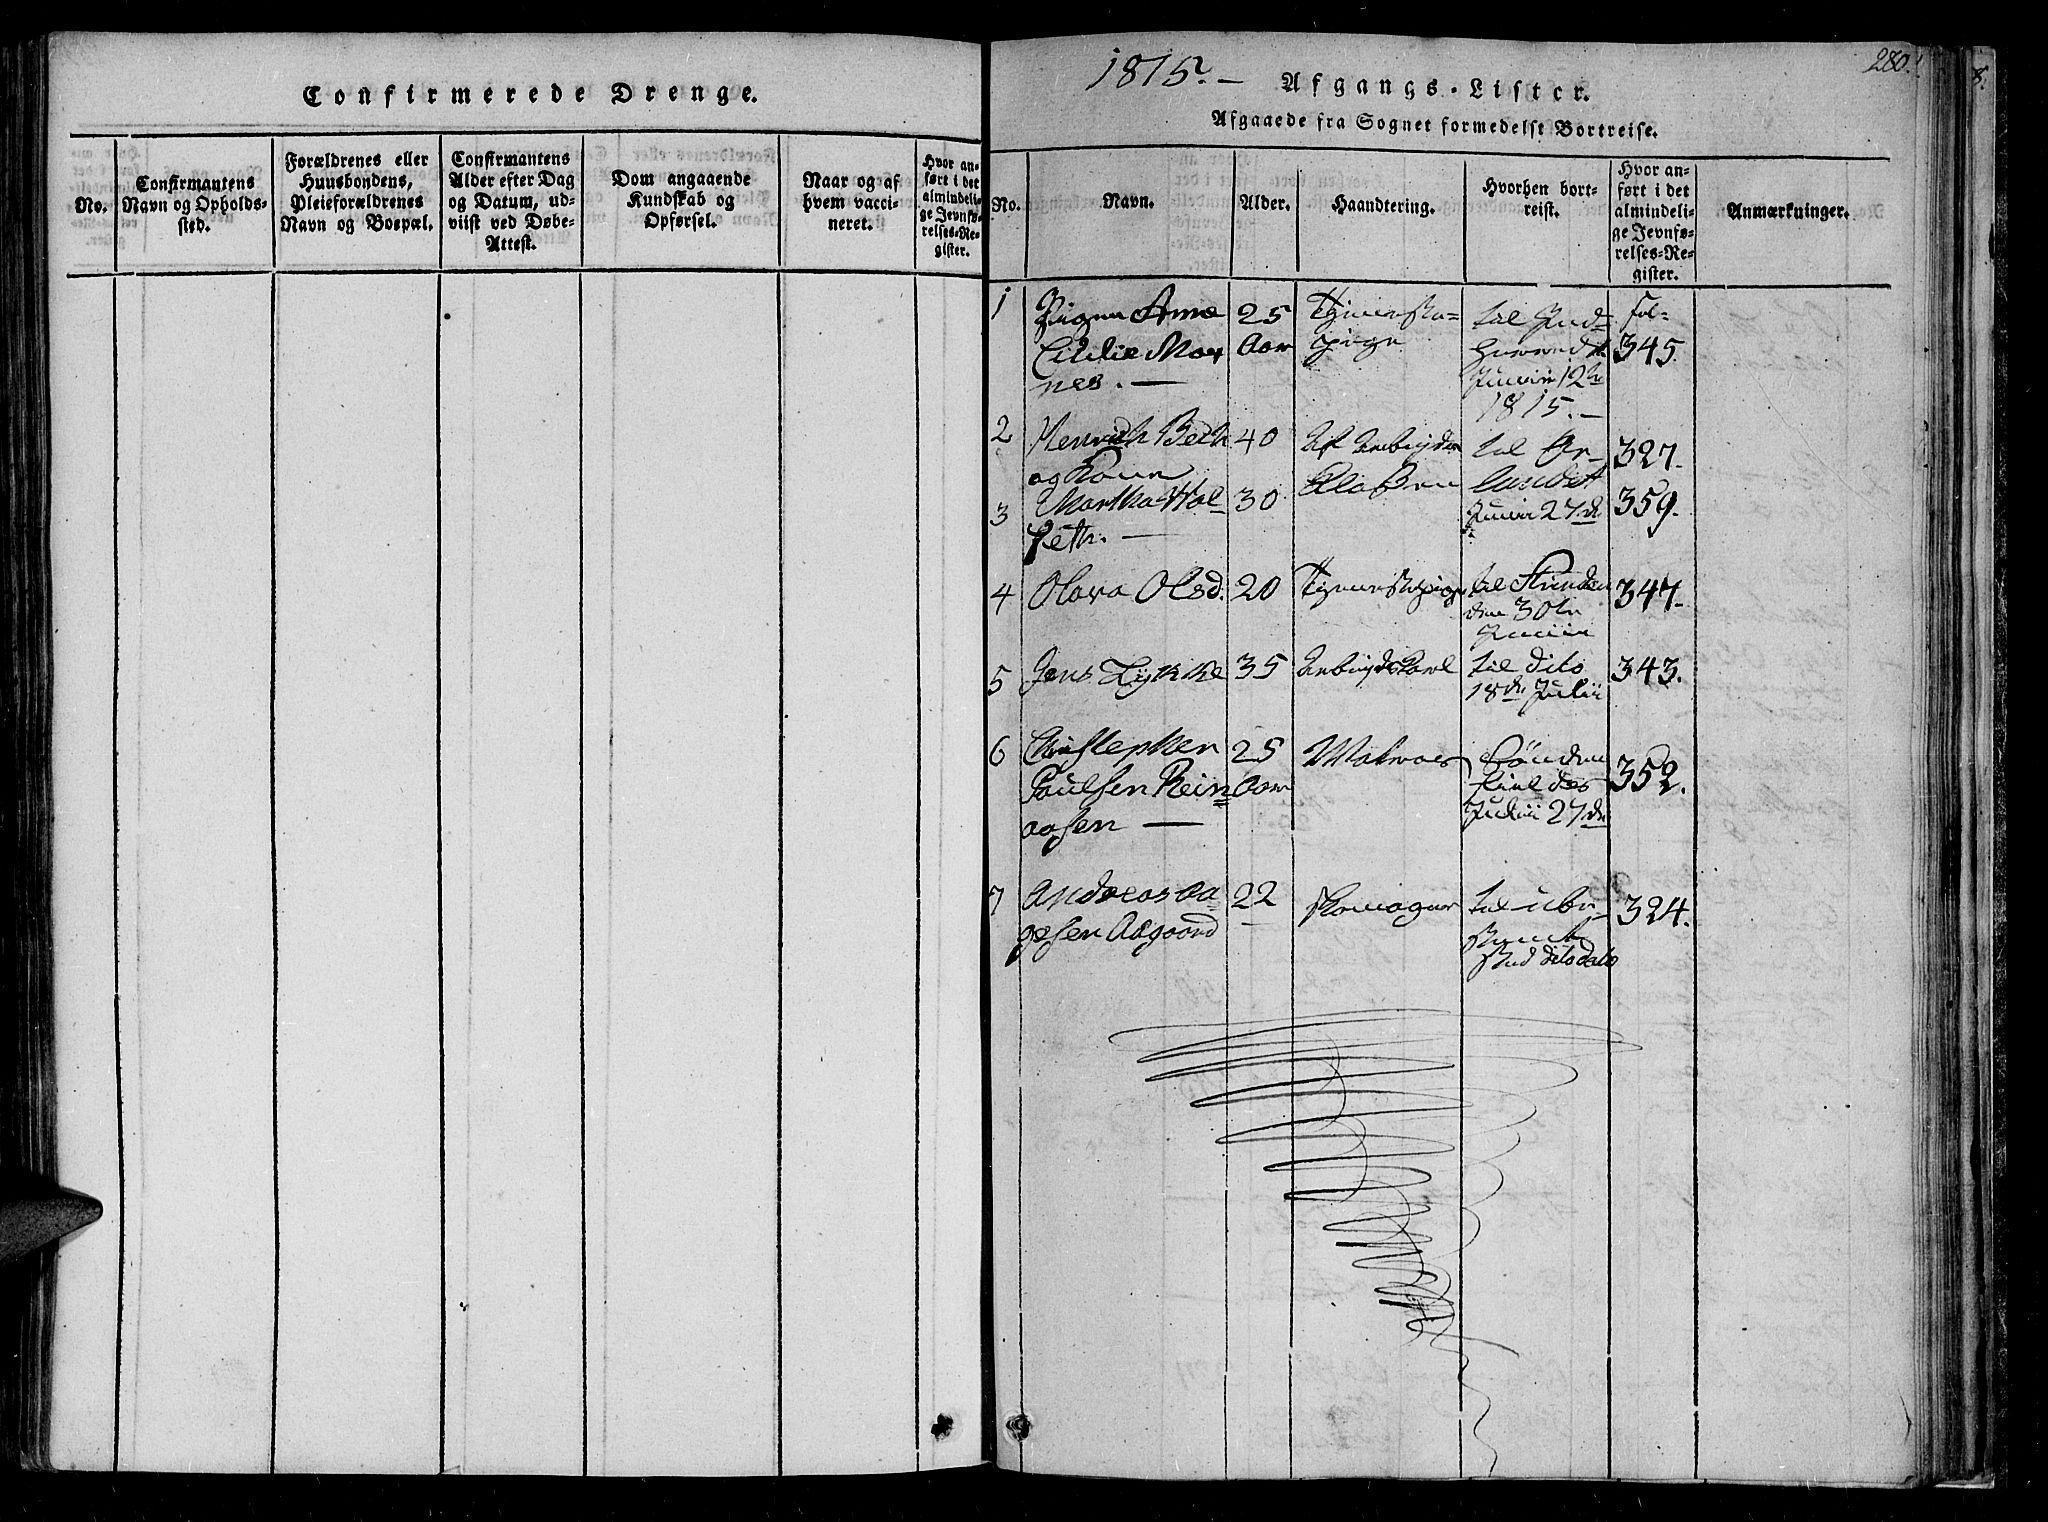 SAT, Ministerialprotokoller, klokkerbøker og fødselsregistre - Sør-Trøndelag, 602/L0107: Ministerialbok nr. 602A05, 1815-1821, s. 280